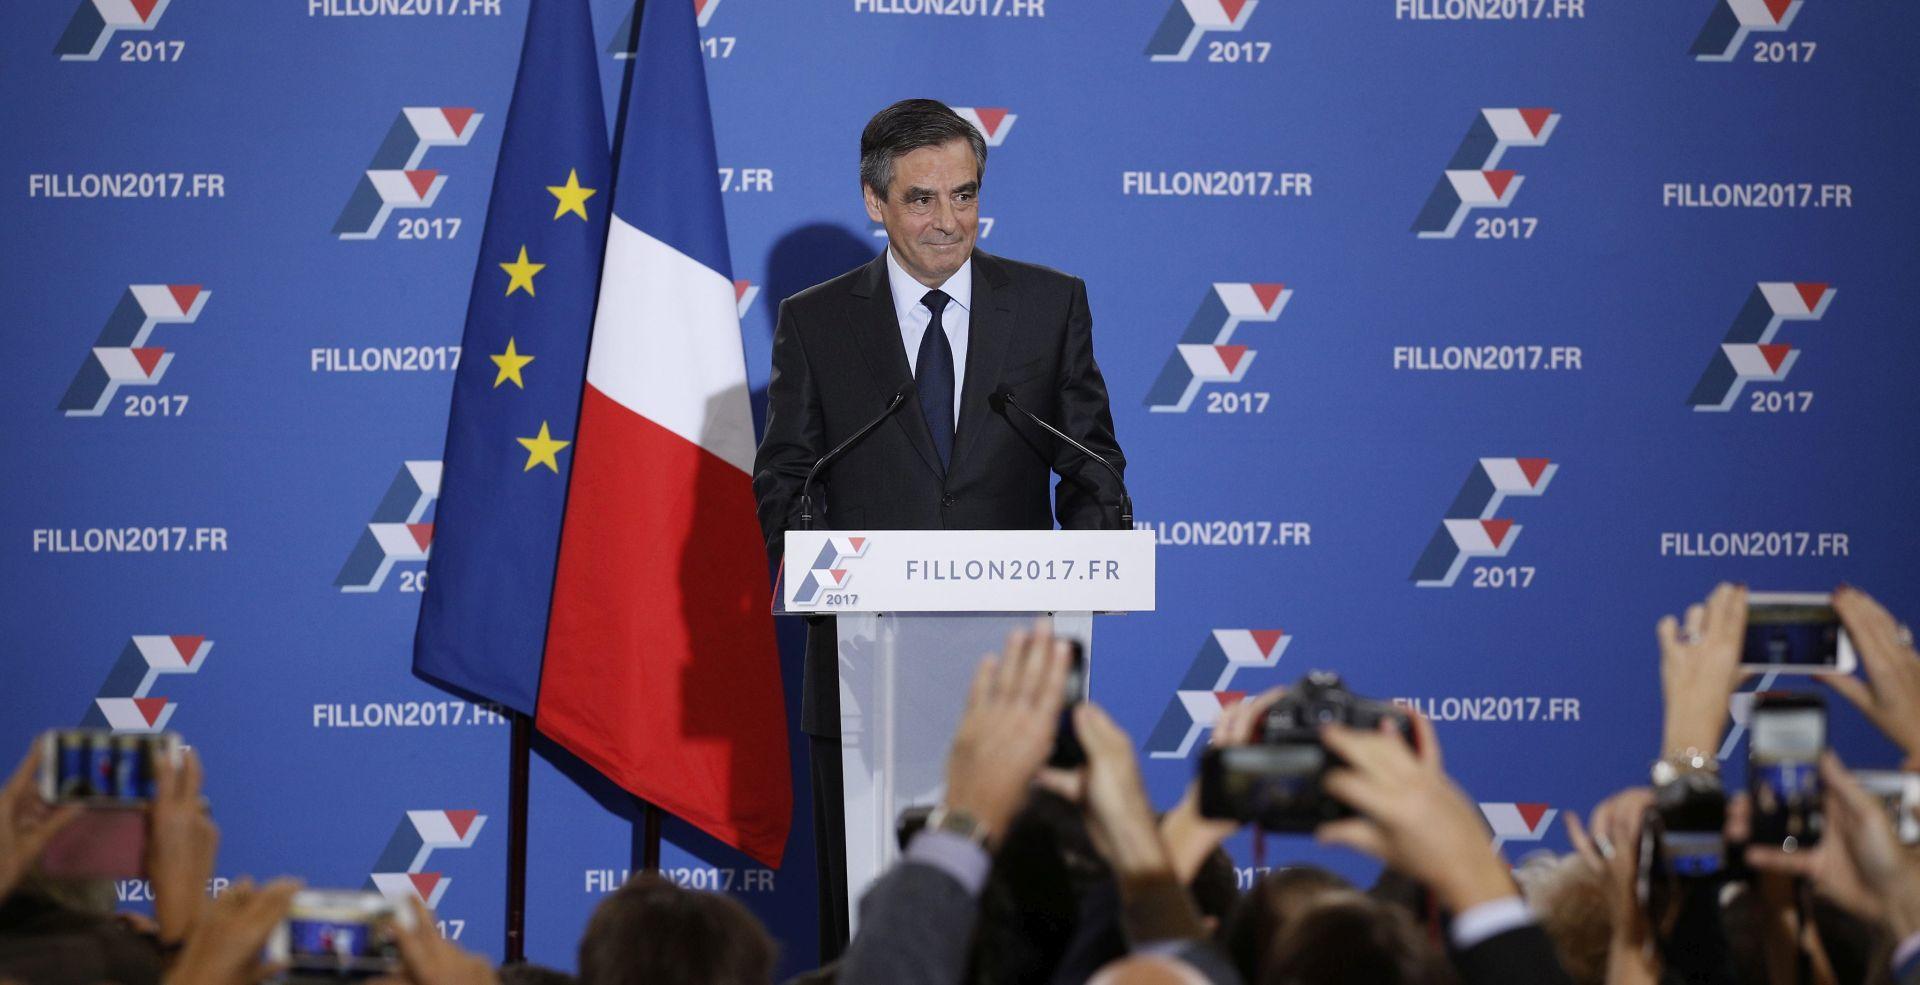 Fillonova šok terapija za gospodarstvo mogla bi prouzročiti ozbiljne nuspojave